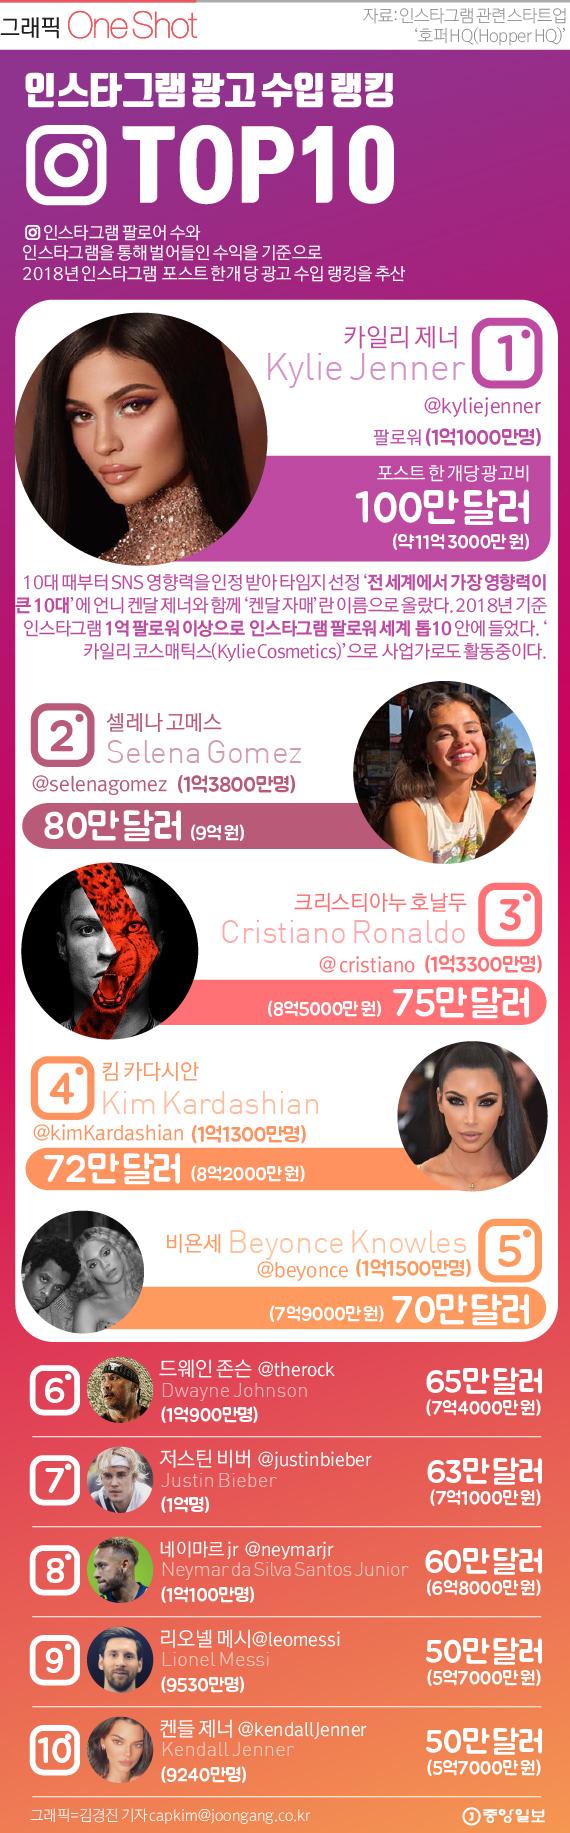 인스타그램 광고 수입 TOP 10